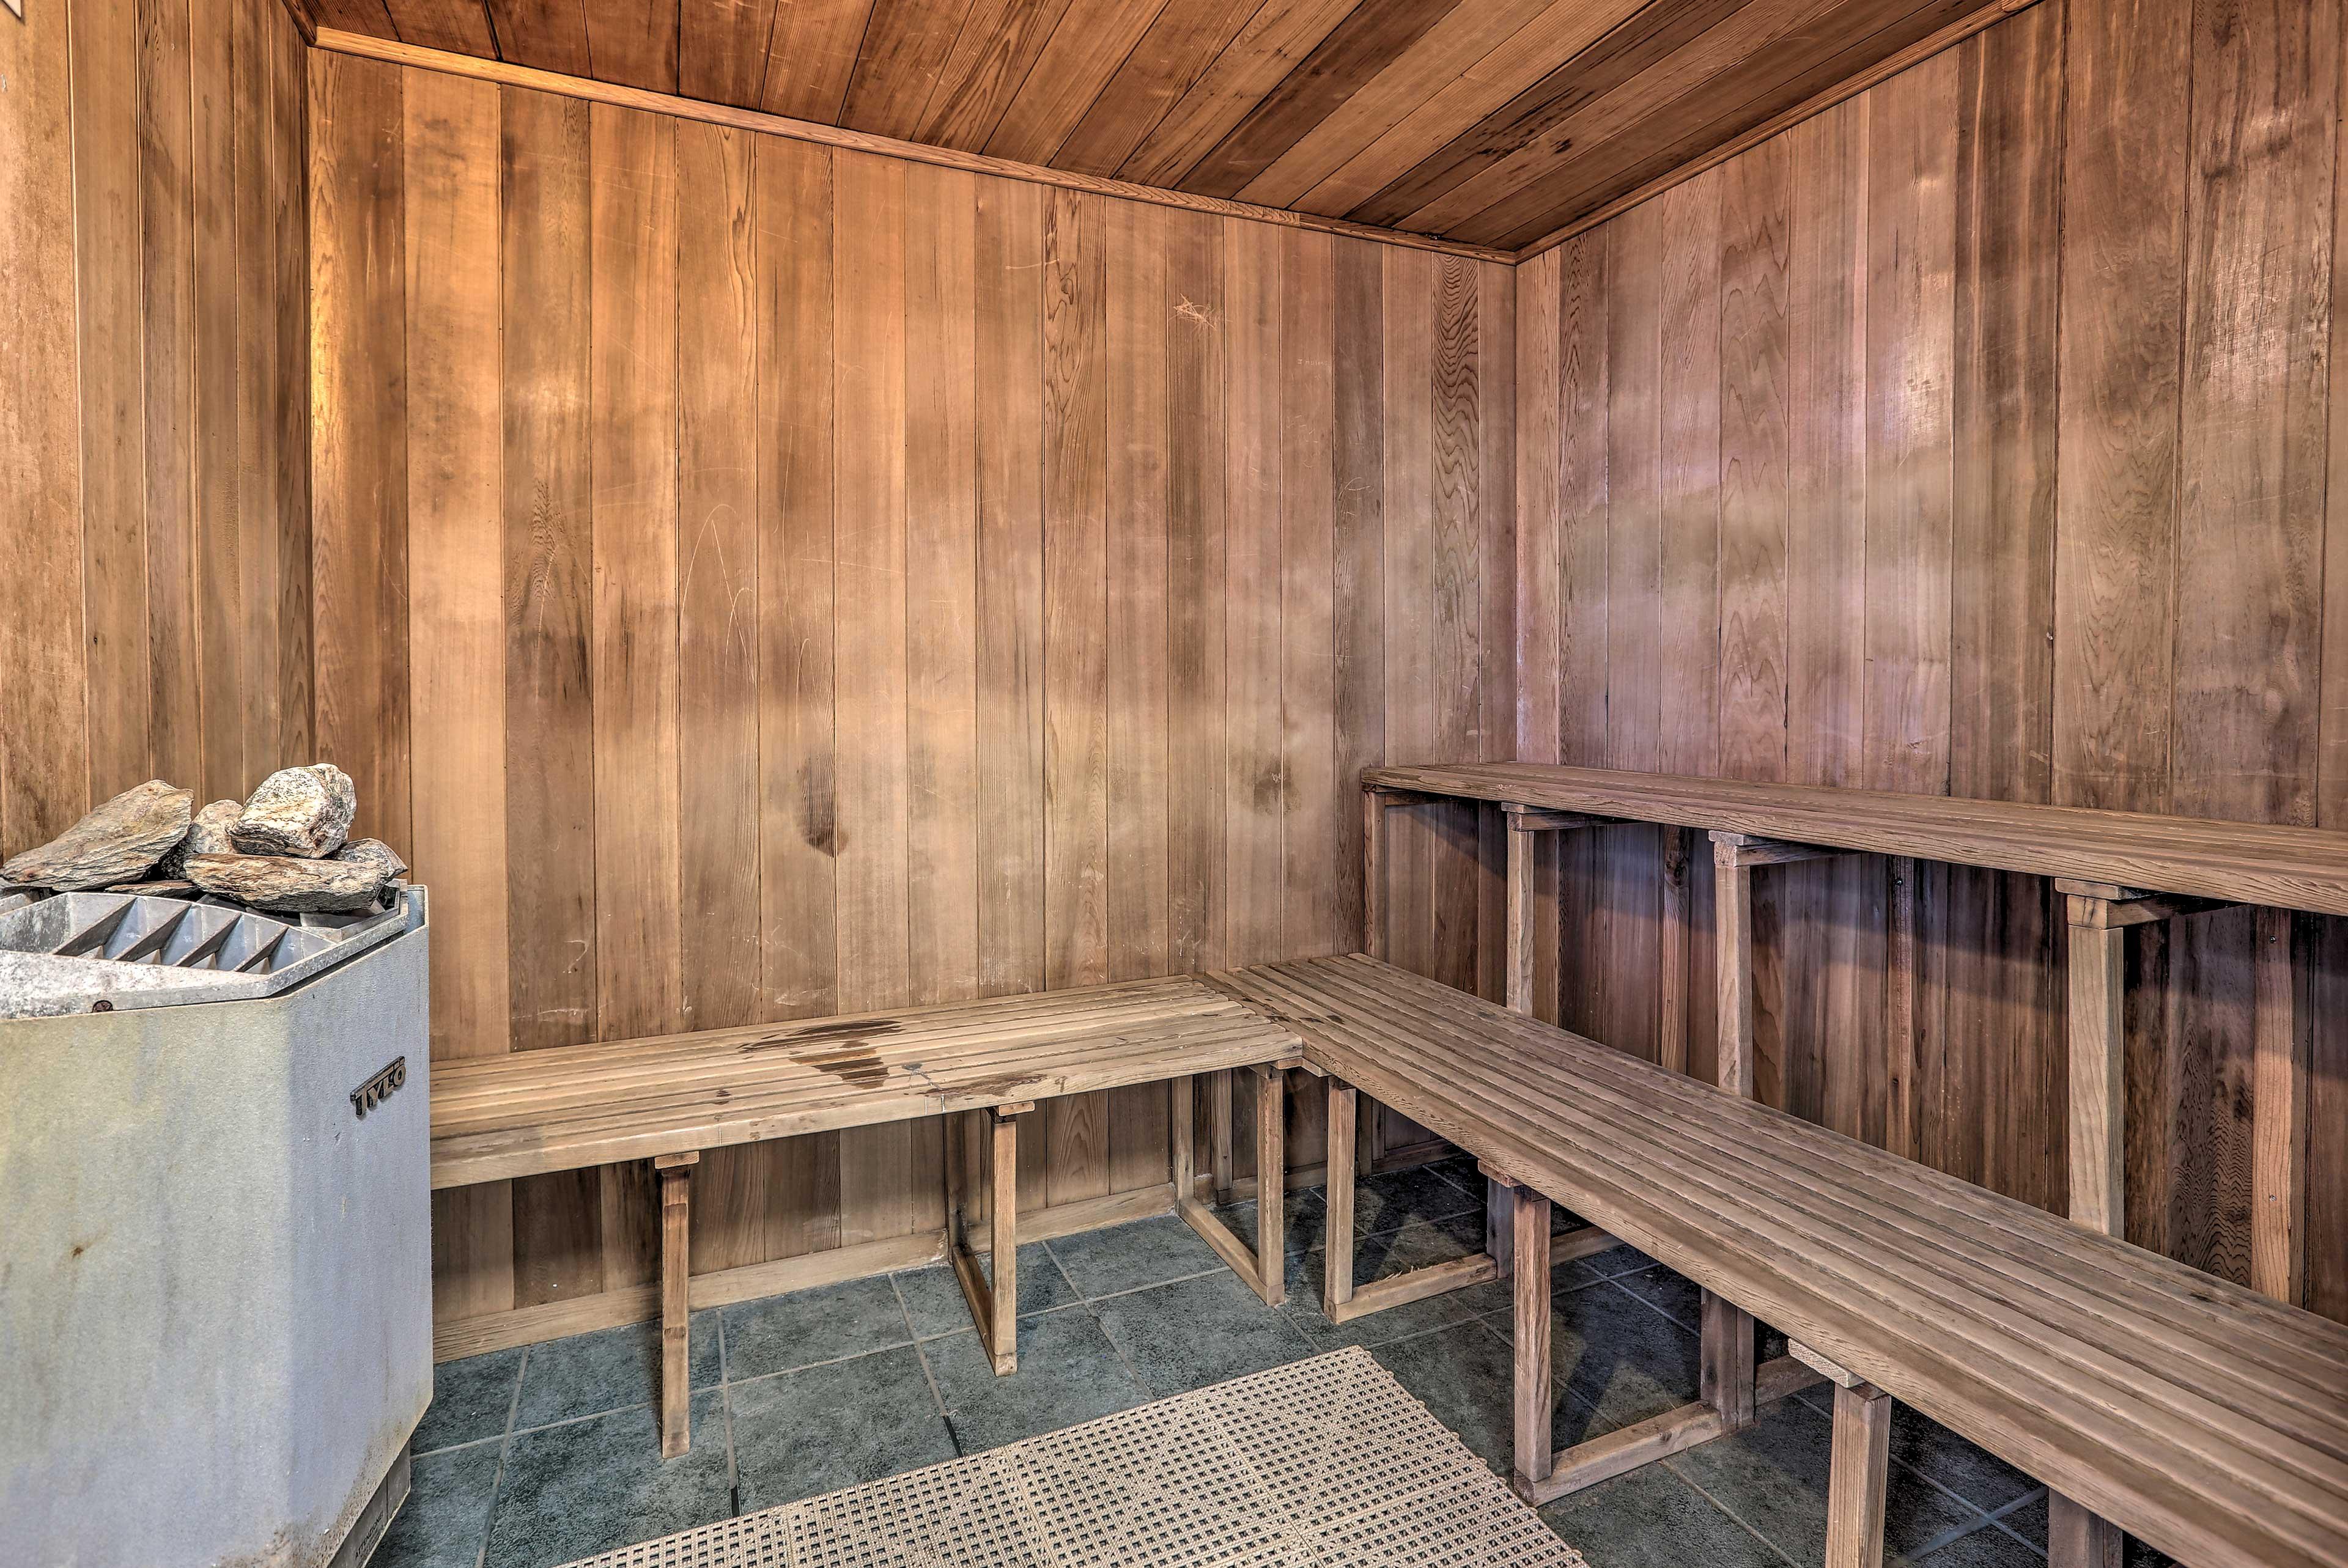 Heat up in the sauna!